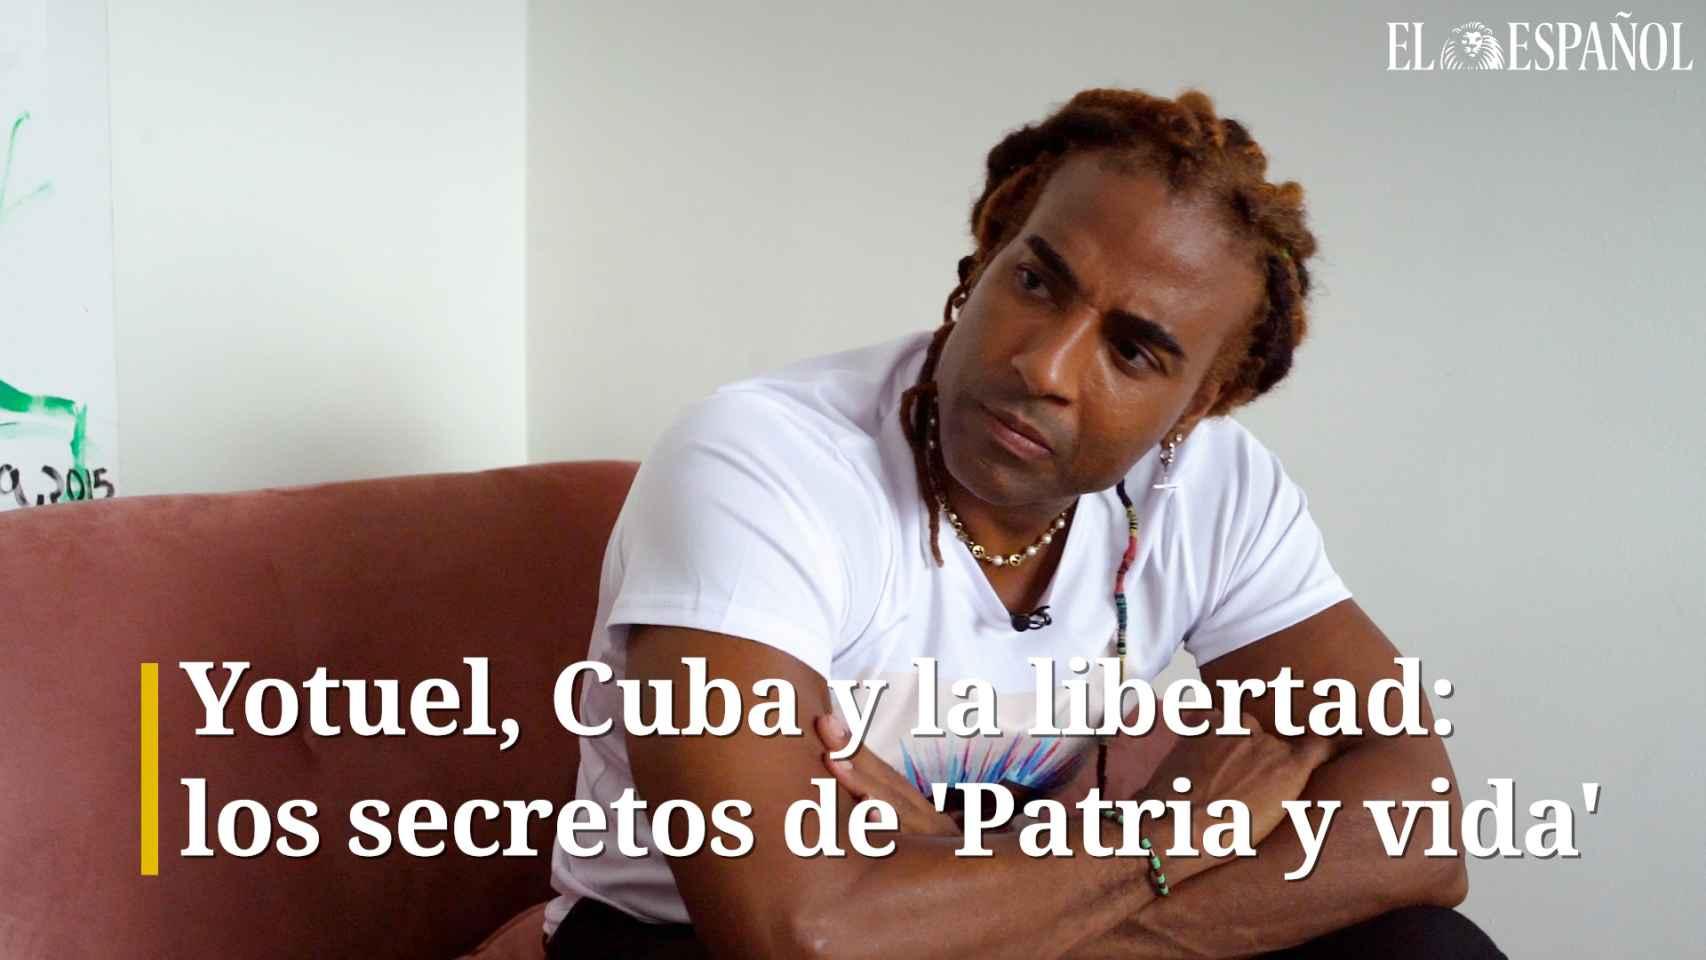 Yotuel, Cuba y la libertad: los secretos de 'Patria y vida'